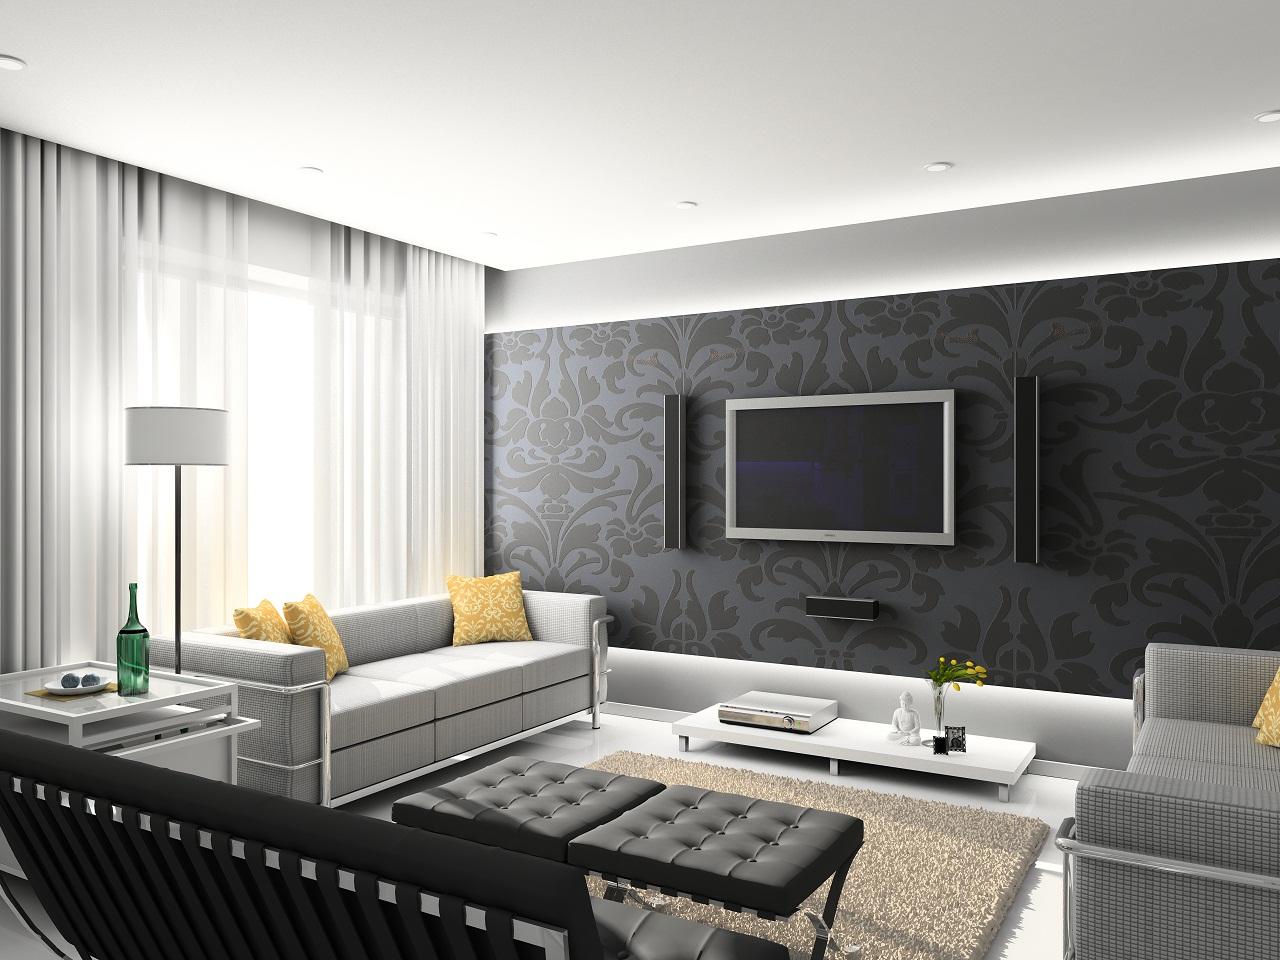 Desain Interior Ruang Keluarga Modern  Rumah Minimalis